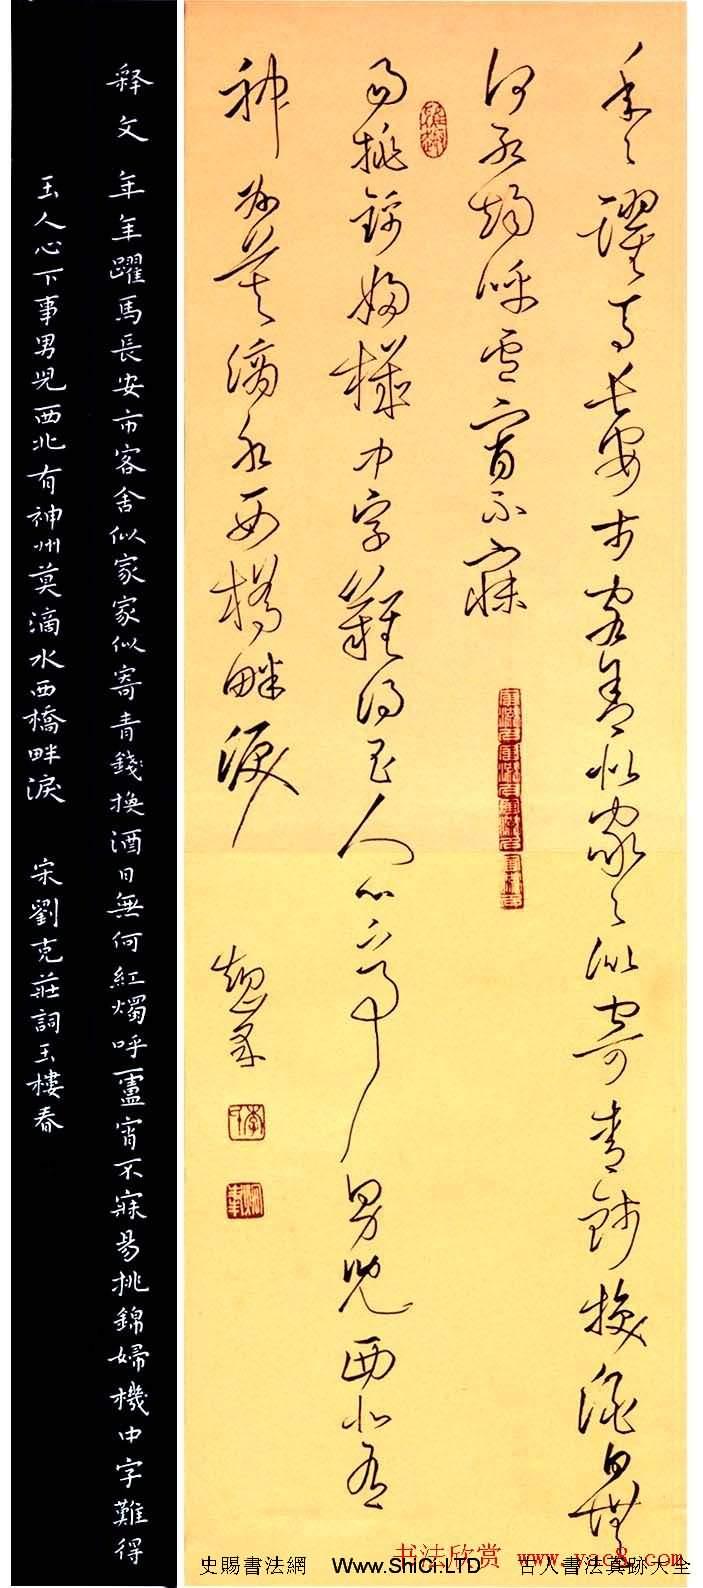 第八屆文華杯全國硬筆書法大賽獲獎作品真跡(共10張圖片)